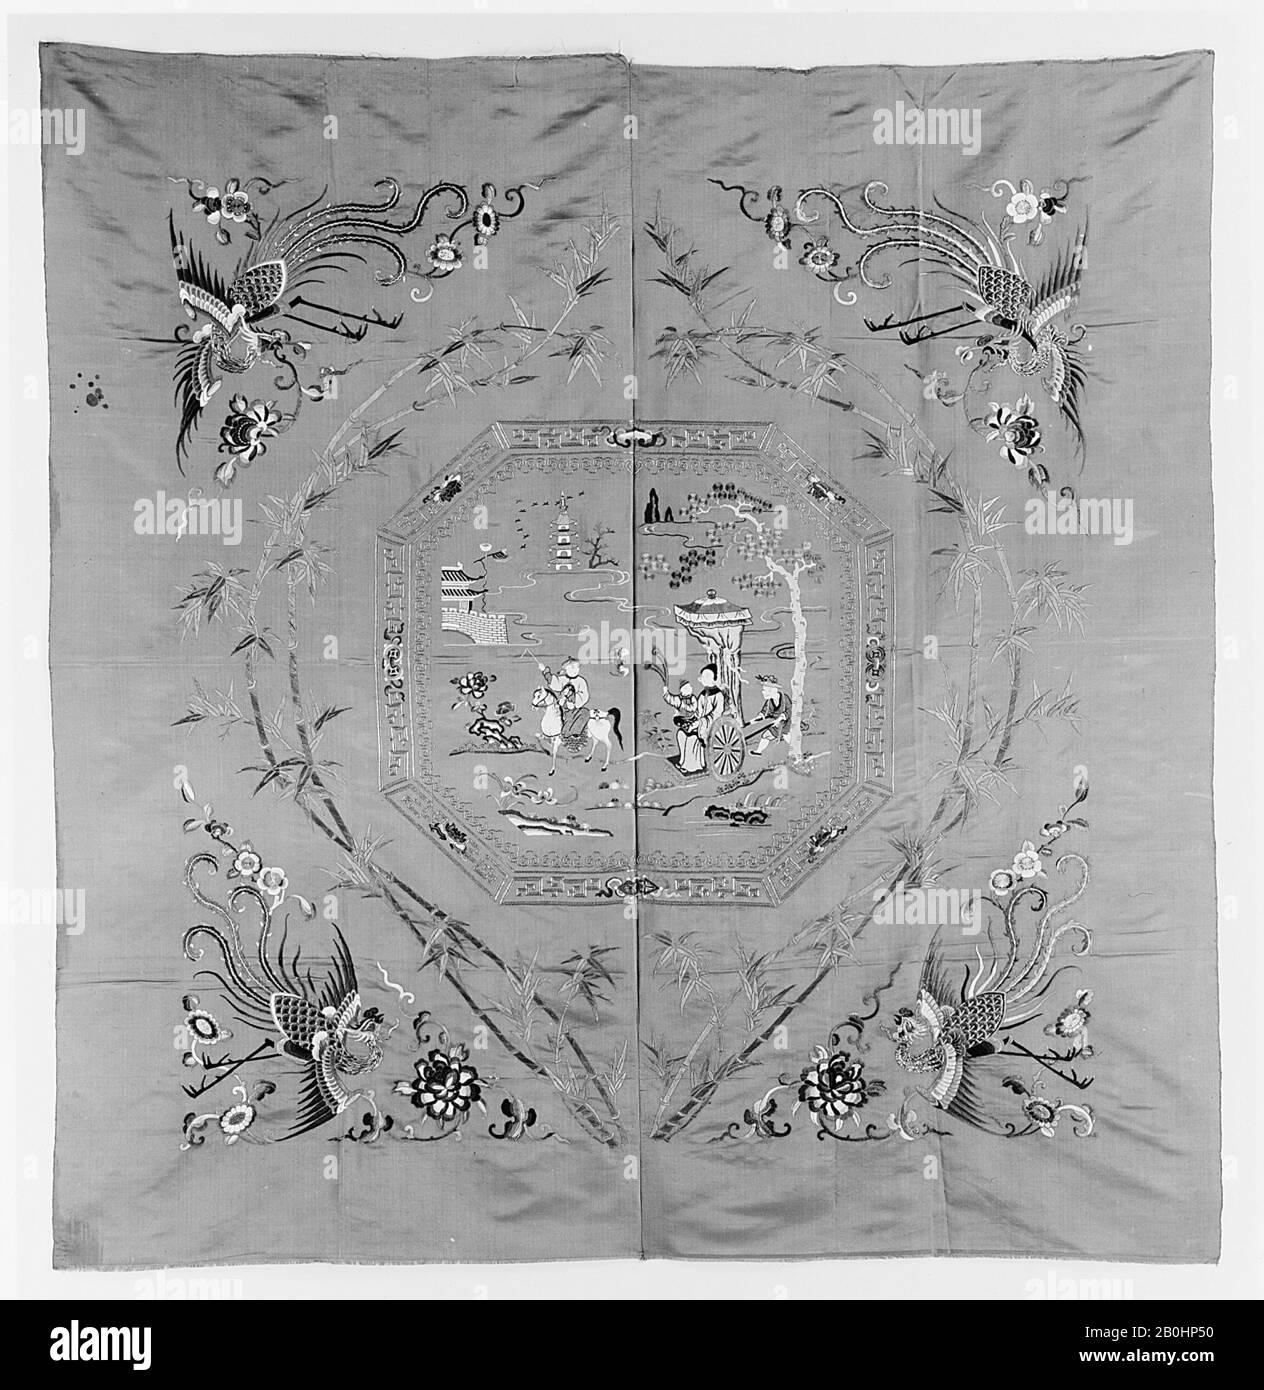 Couverture de quilt, Chine, dynastie Qing (1644–1911), Date CA. 1900, Chine, satin brodé avec soie, soie enveloppée d'or, 63 1/4 x 62 po. (160,66 x 157,48 cm), textiles brodés Banque D'Images